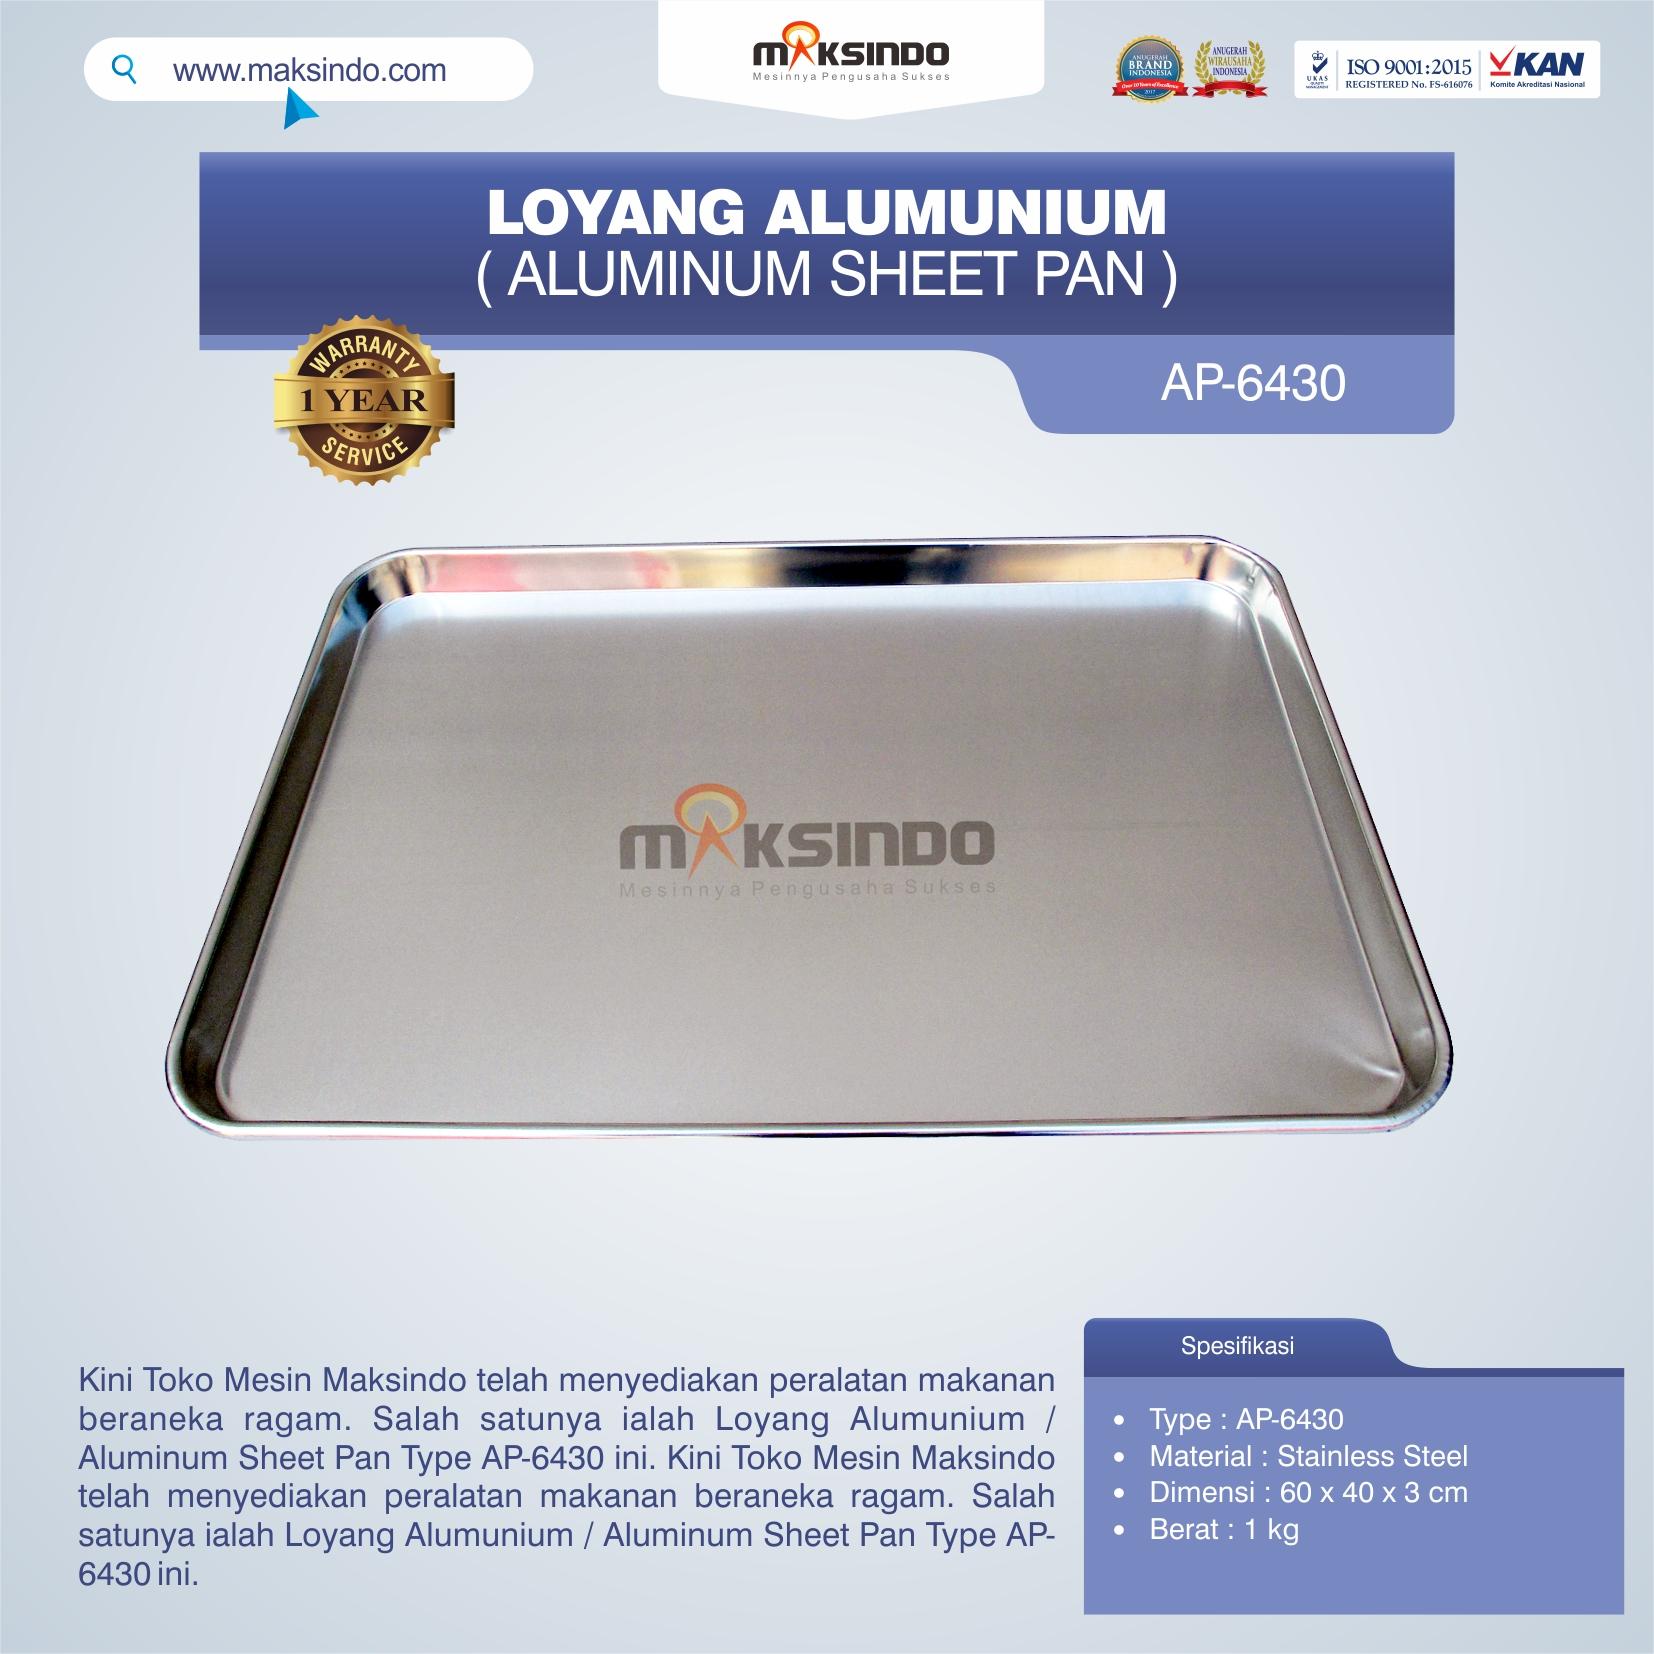 Jual Loyang Alumunium / Aluminum Sheet Pan Type AP-6430 di Semarang